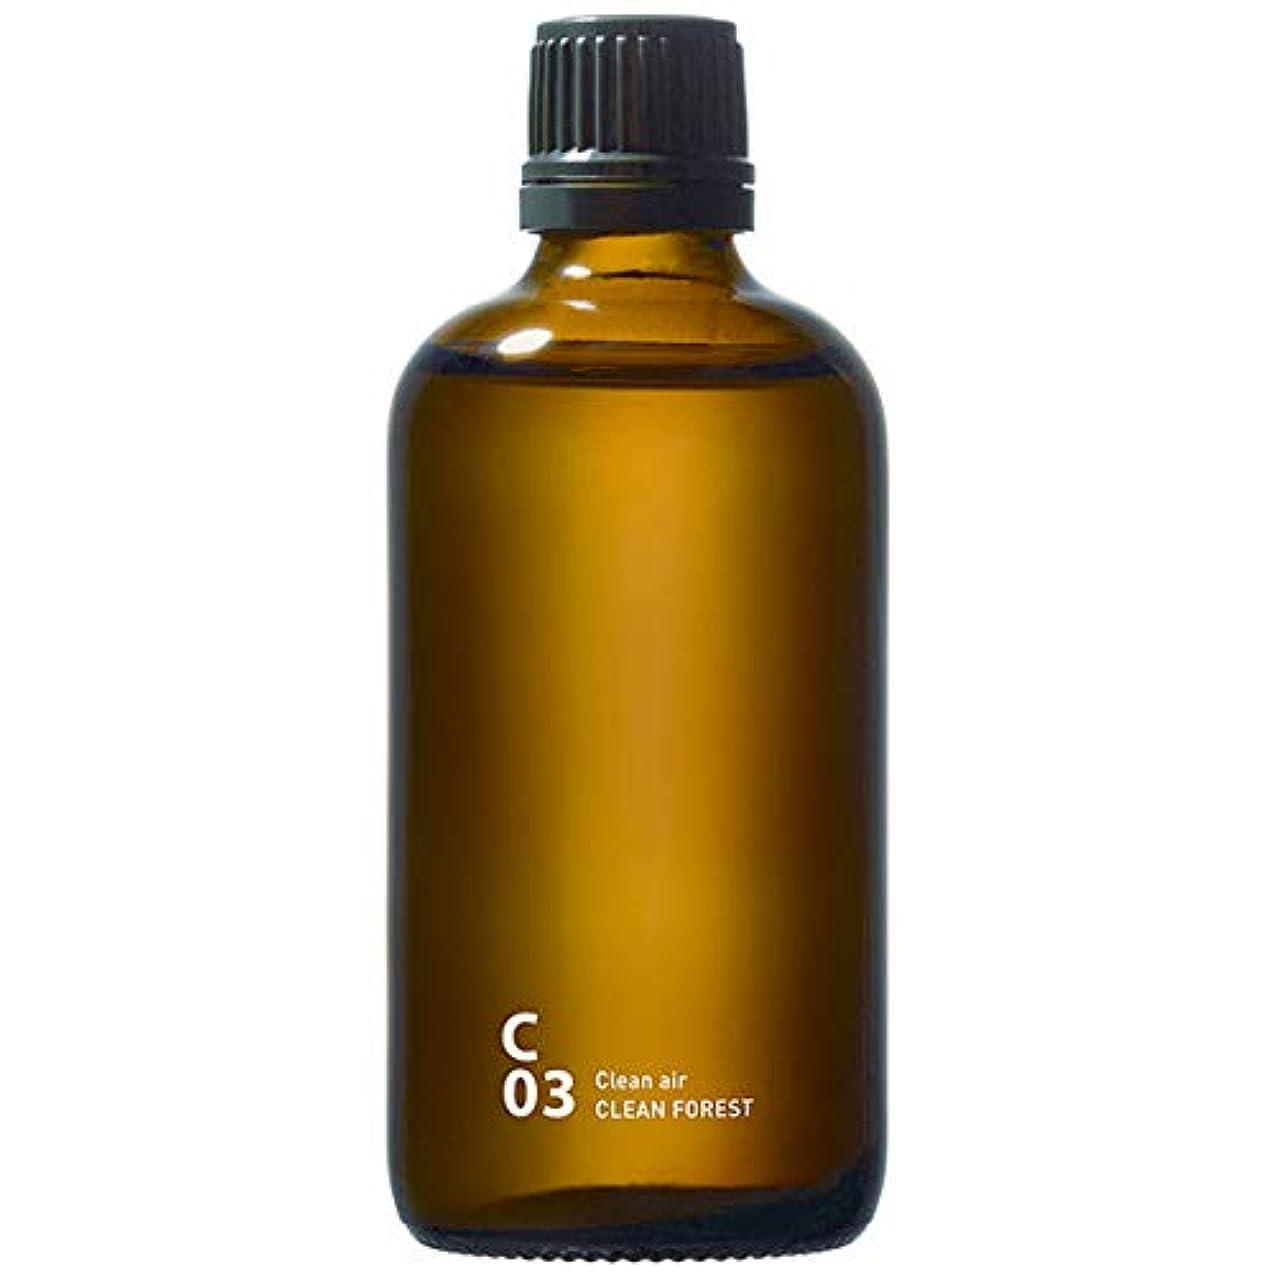 整理する構造的土砂降りC03 CLEAN FOREST piezo aroma oil 100ml